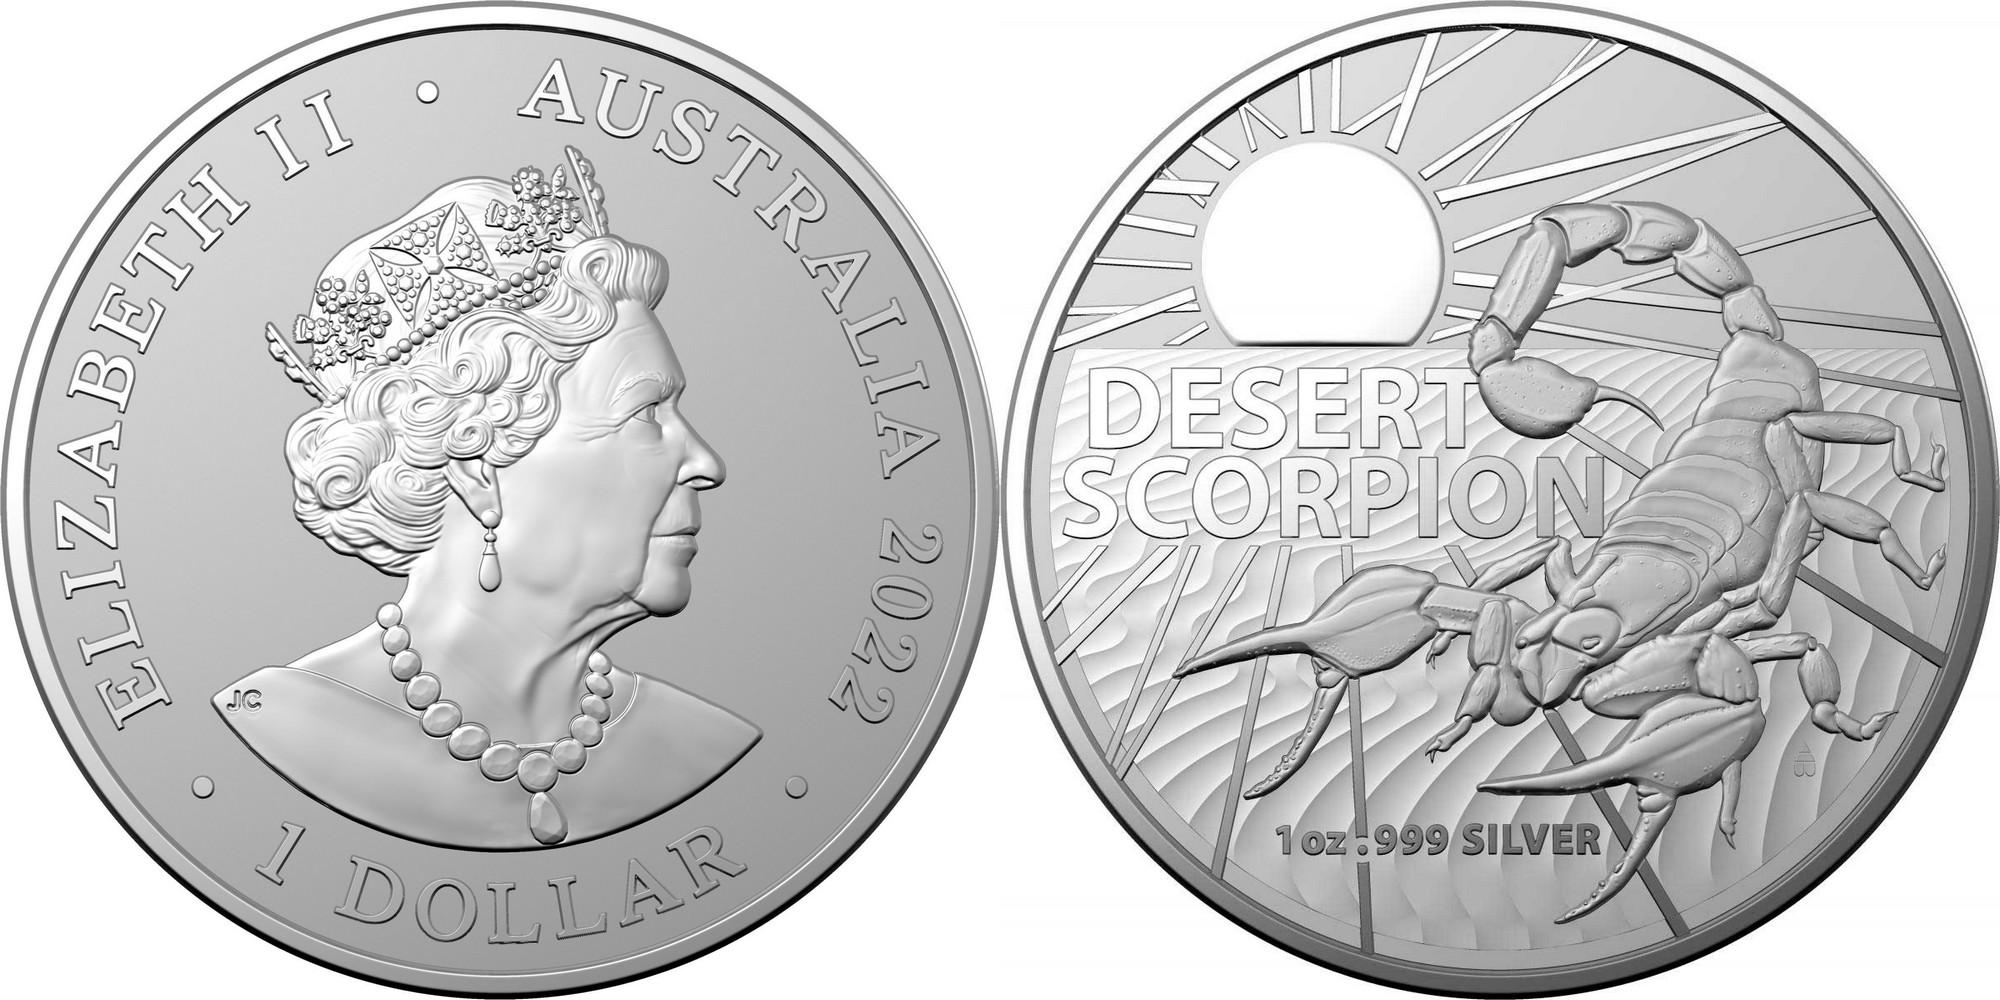 australie-2022-scorpion-du-desert